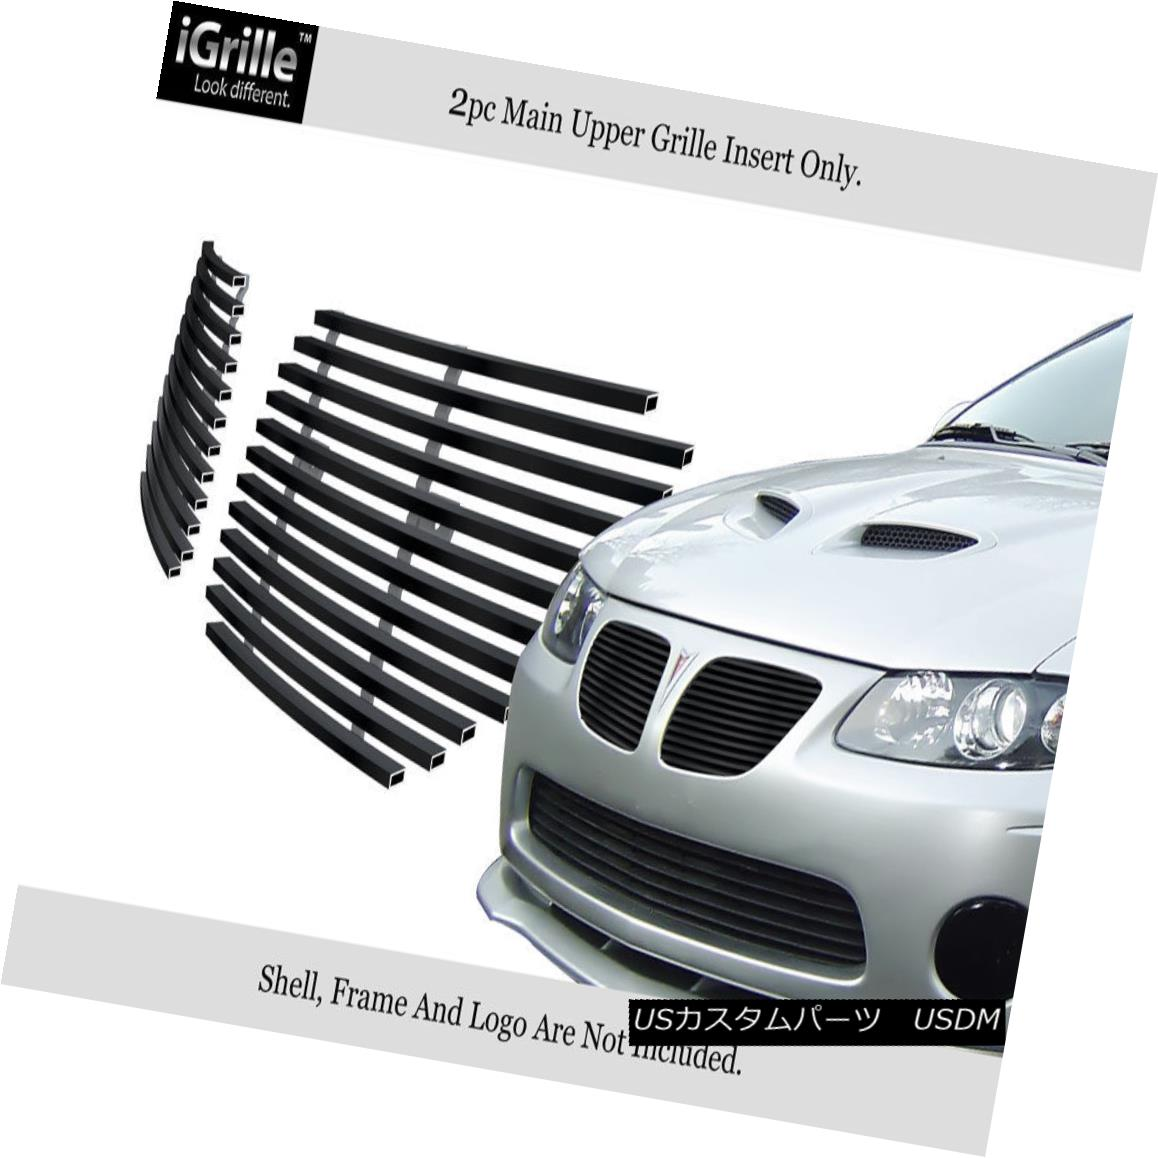 グリル Fits 04-06 Pontiac GTO Black Main Upper Stainless Steel Billet Grille Insert フィット04-06ポンティアックGTOブラックメインアッパーステンレス鋼ビレットグリルインサート